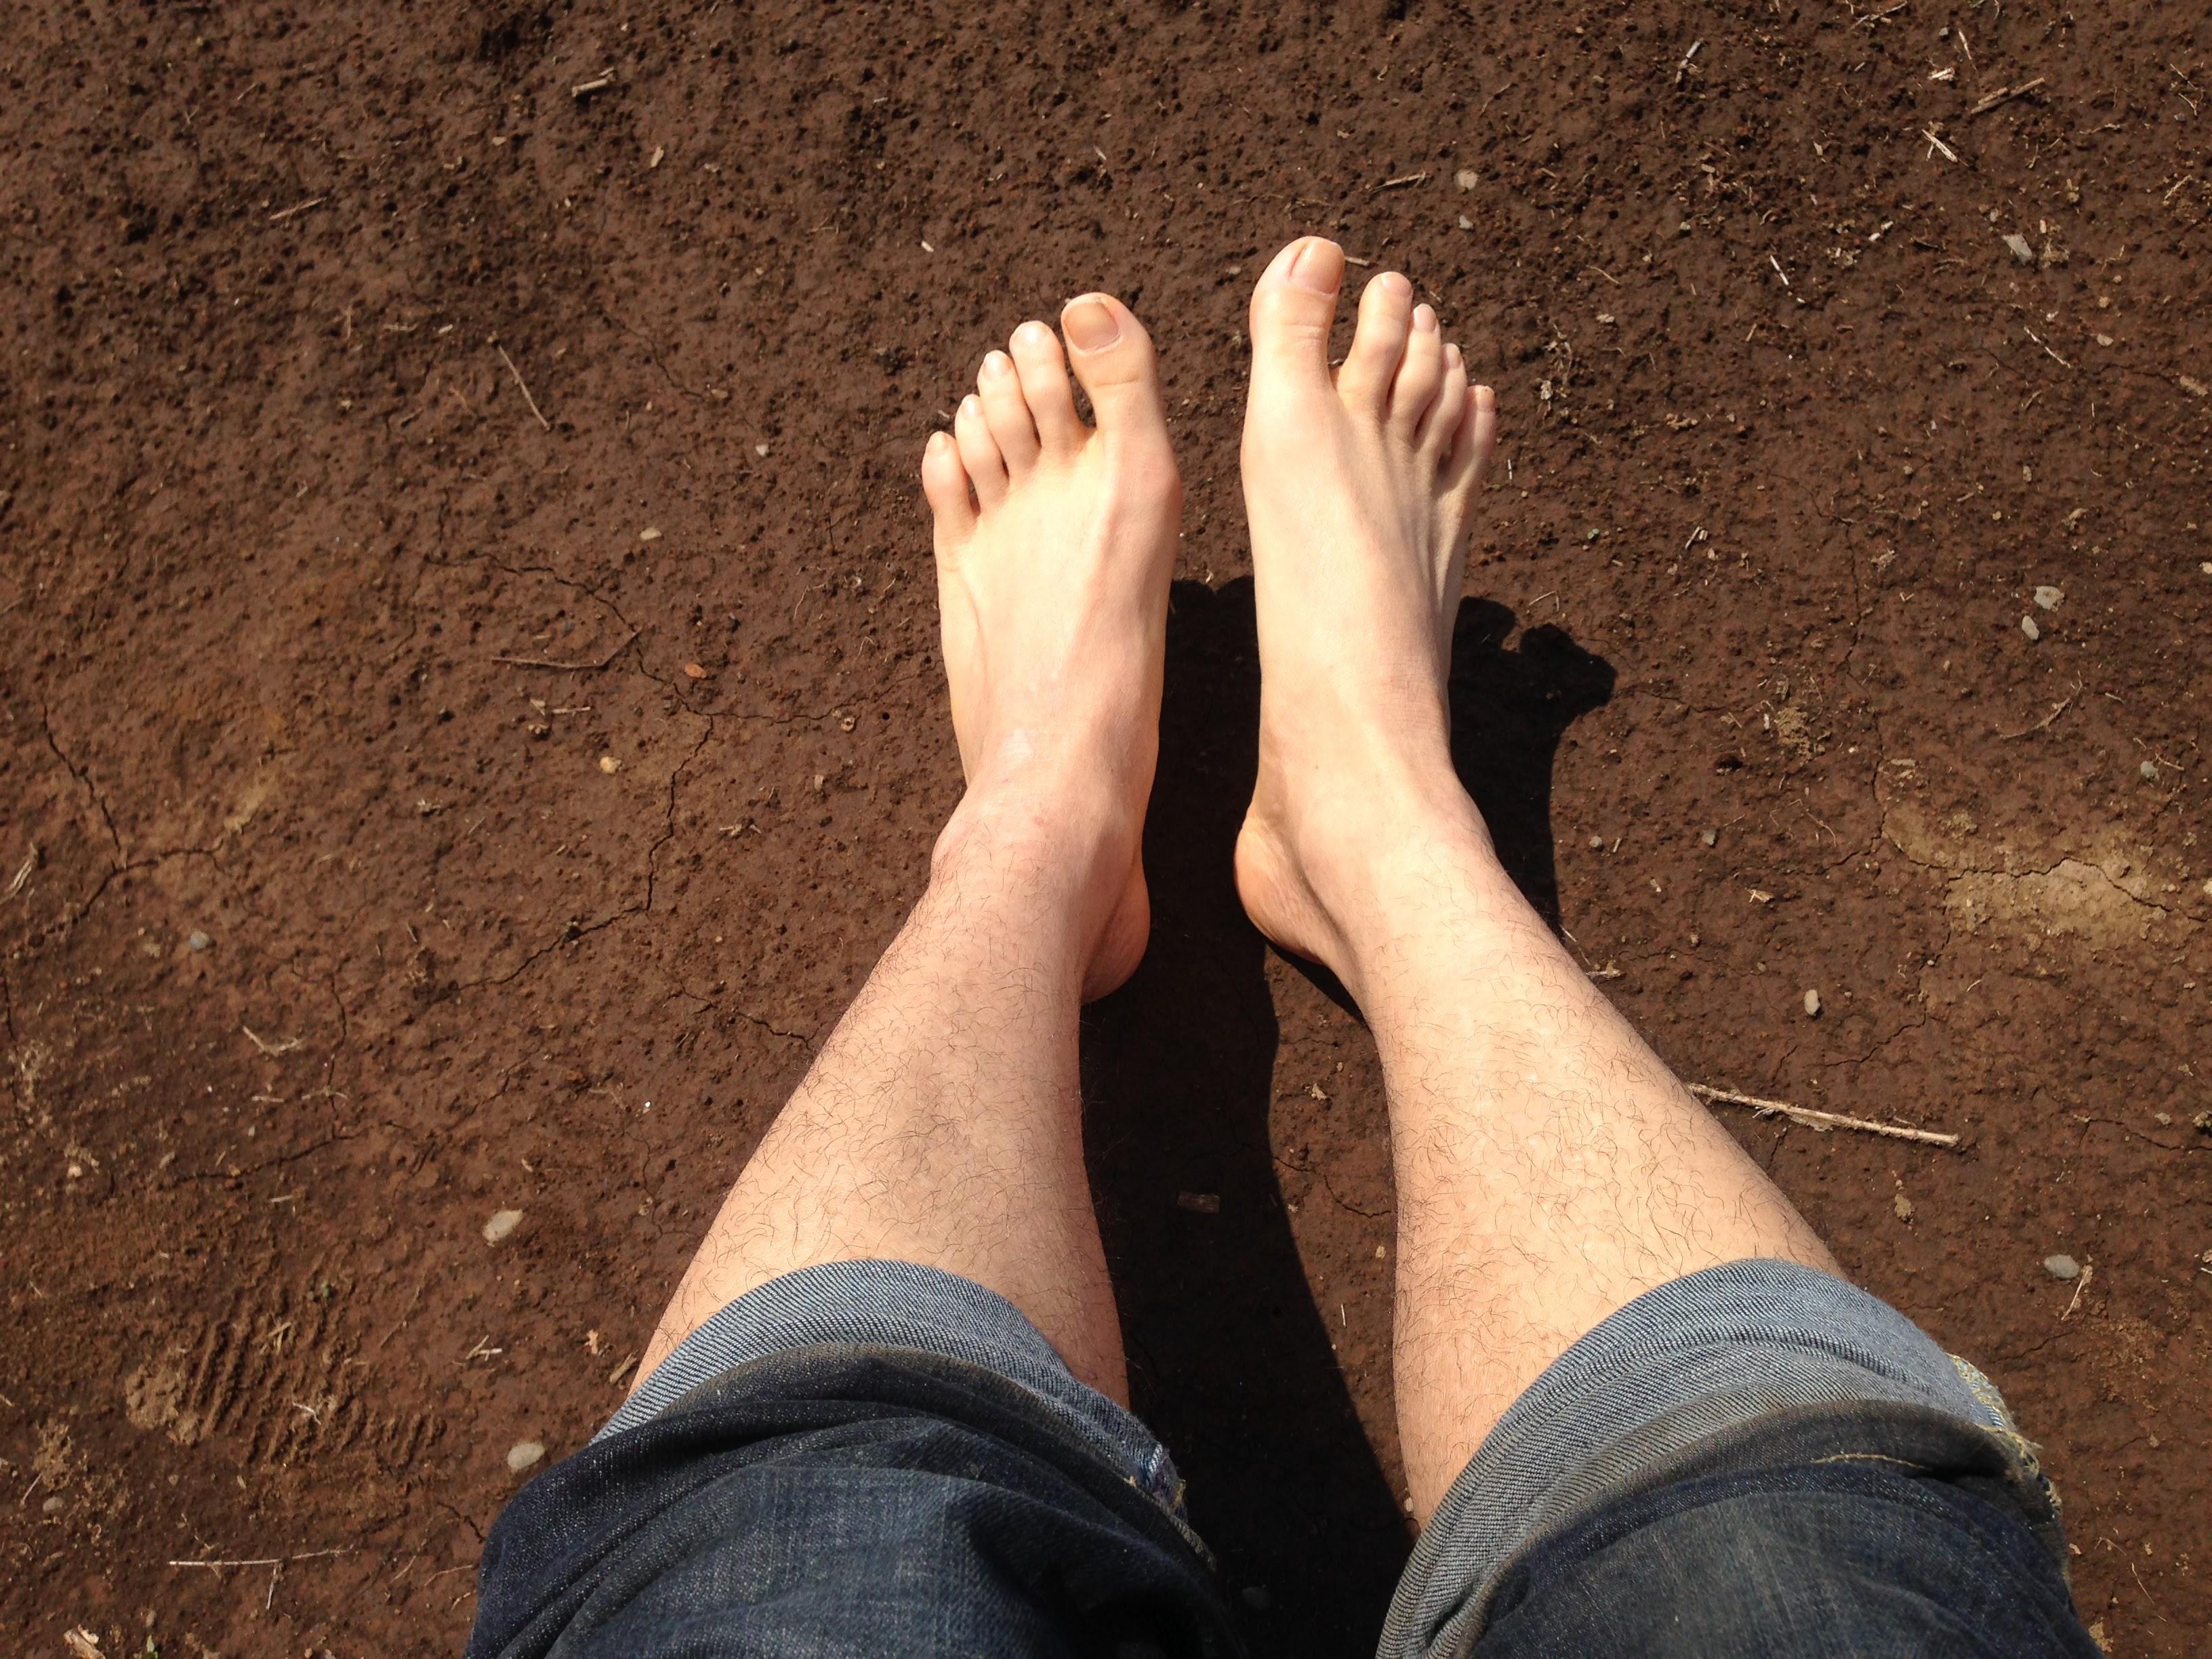 農家の特権!畑で裸足になると気持ち良すぎます!【無肥料自然栽培農家 明石農園 研修34,35日目(2016年3月31日、4月1日)】